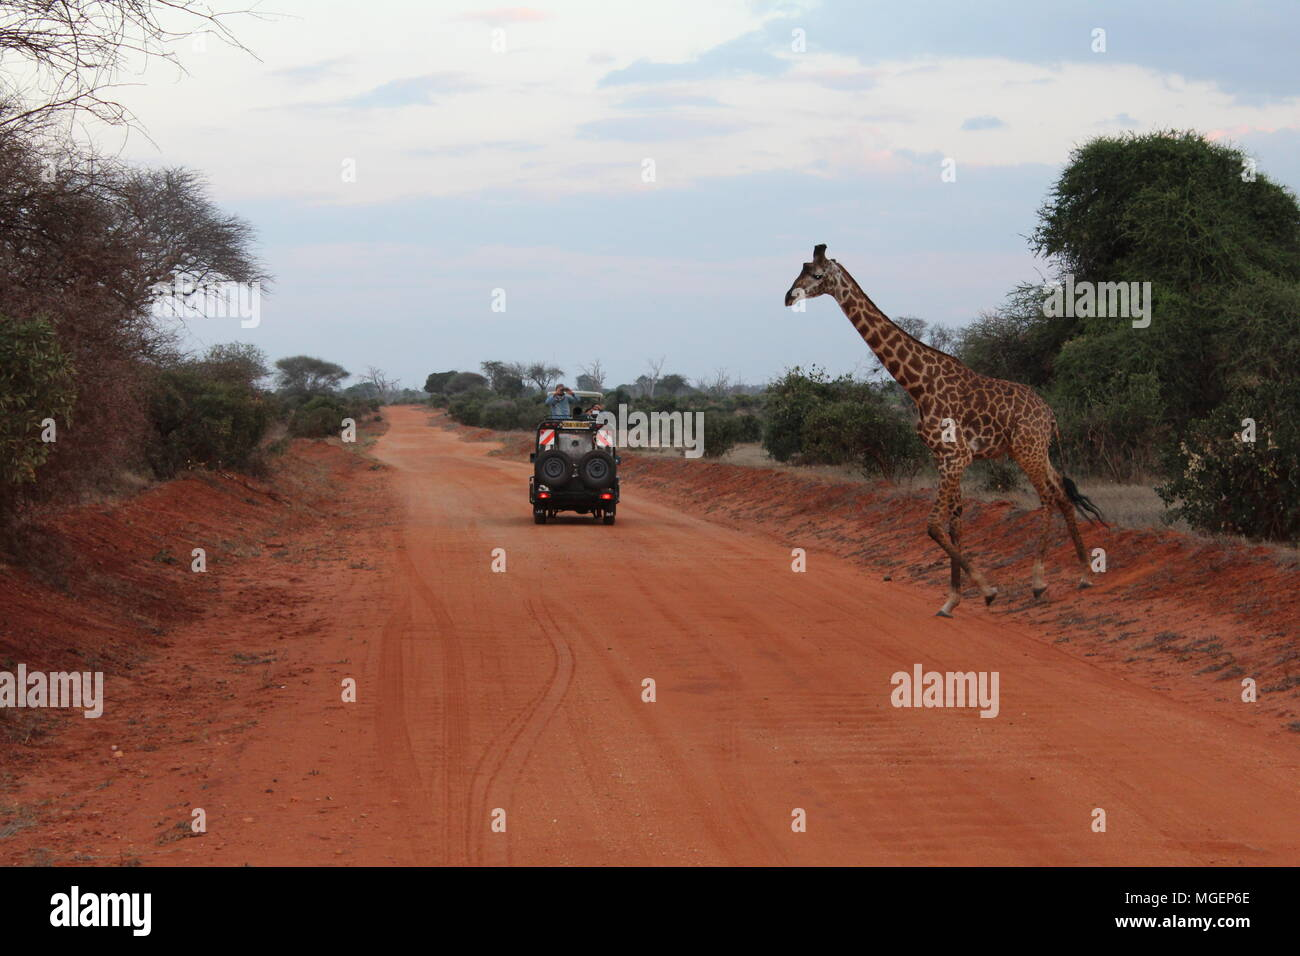 Une jeep s'arrête alors qu'une girafe traverse la route lors d'un Safari au Kenya, avec le coucher du soleil s'allume la création d'une atmosphère à couper le souffle Photo Stock